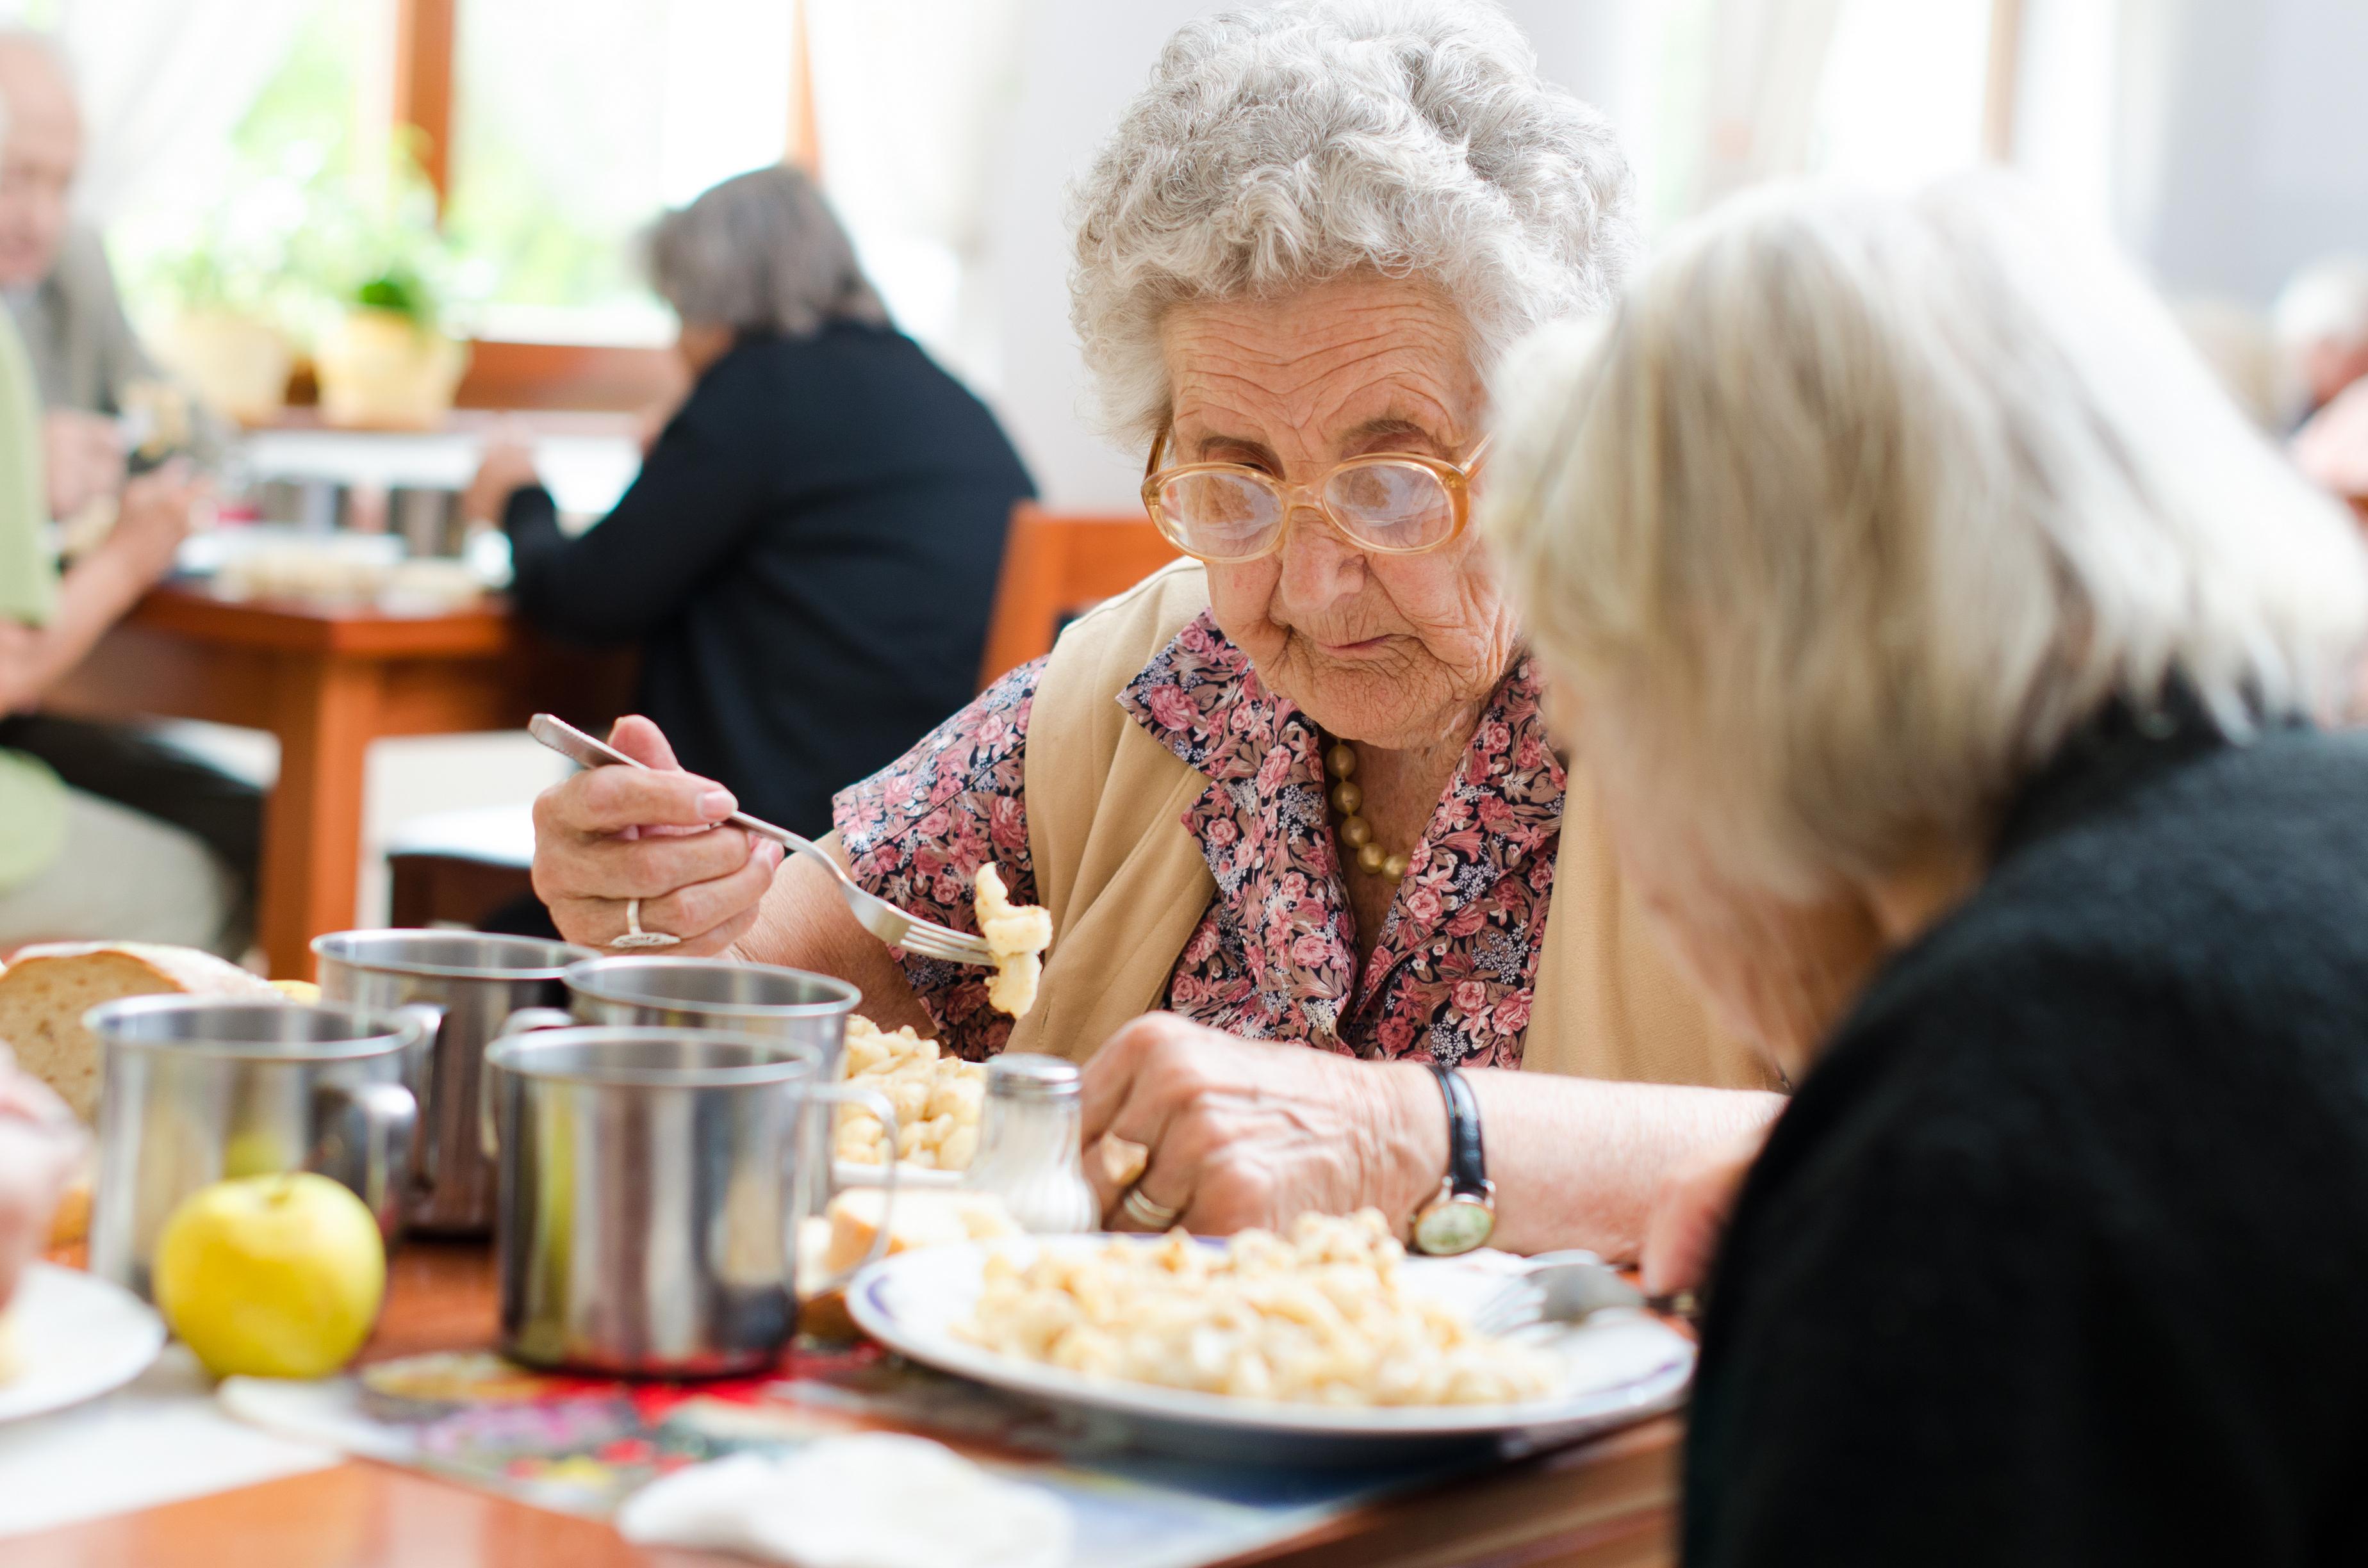 Många drar ner på maten för att gå ner i vikt, men när man blir äldre kan det snarare handla om att hålla vikten uppe.